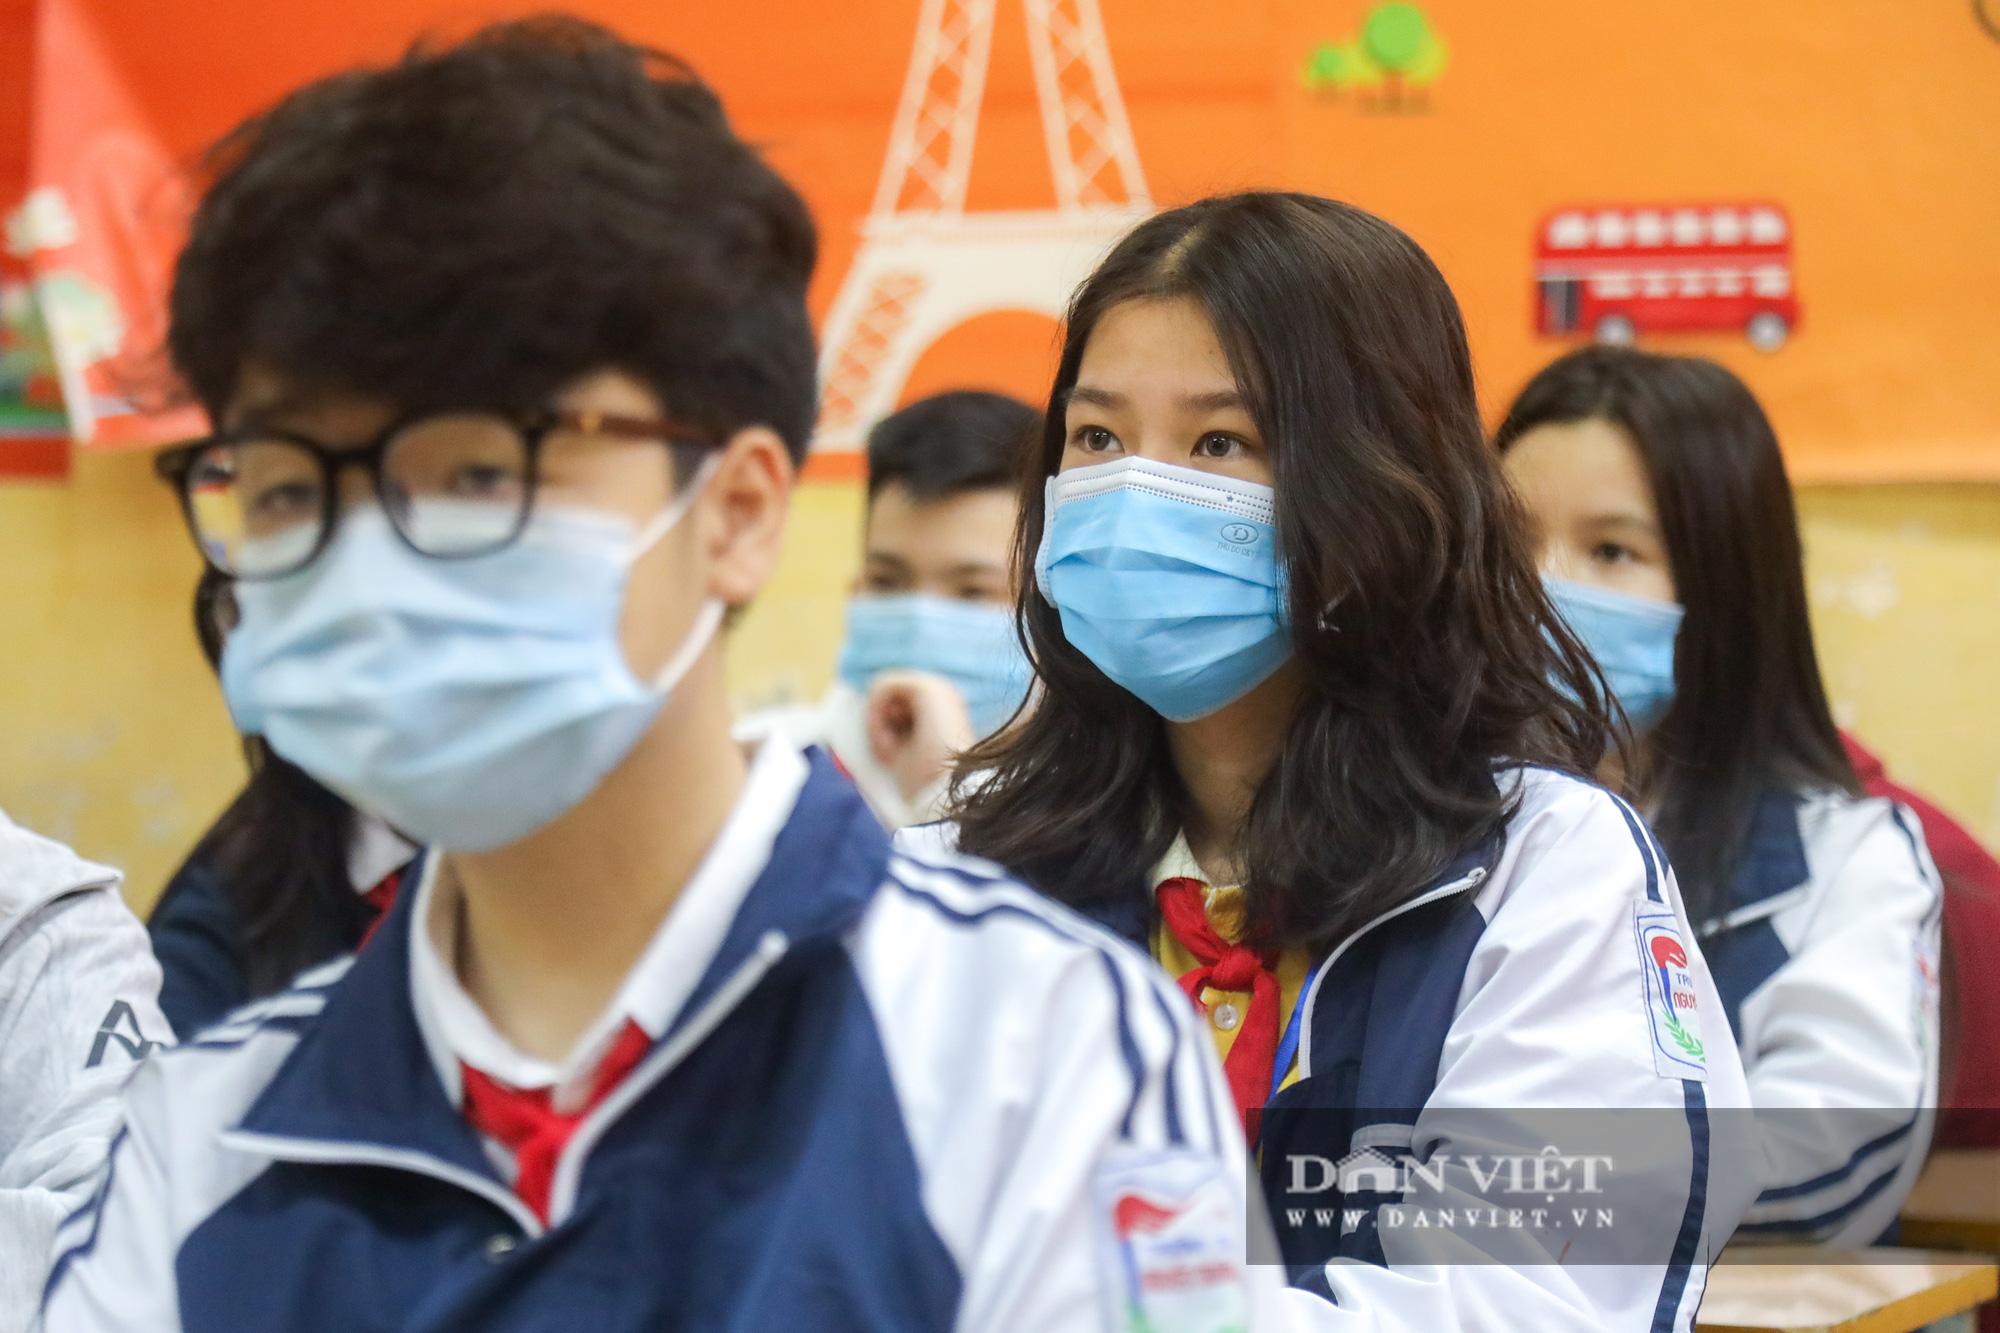 Đi học trở lại sau 30 ngày nghỉ Tết, học sinh Hà Nội được nhận lì xì - Ảnh 9.